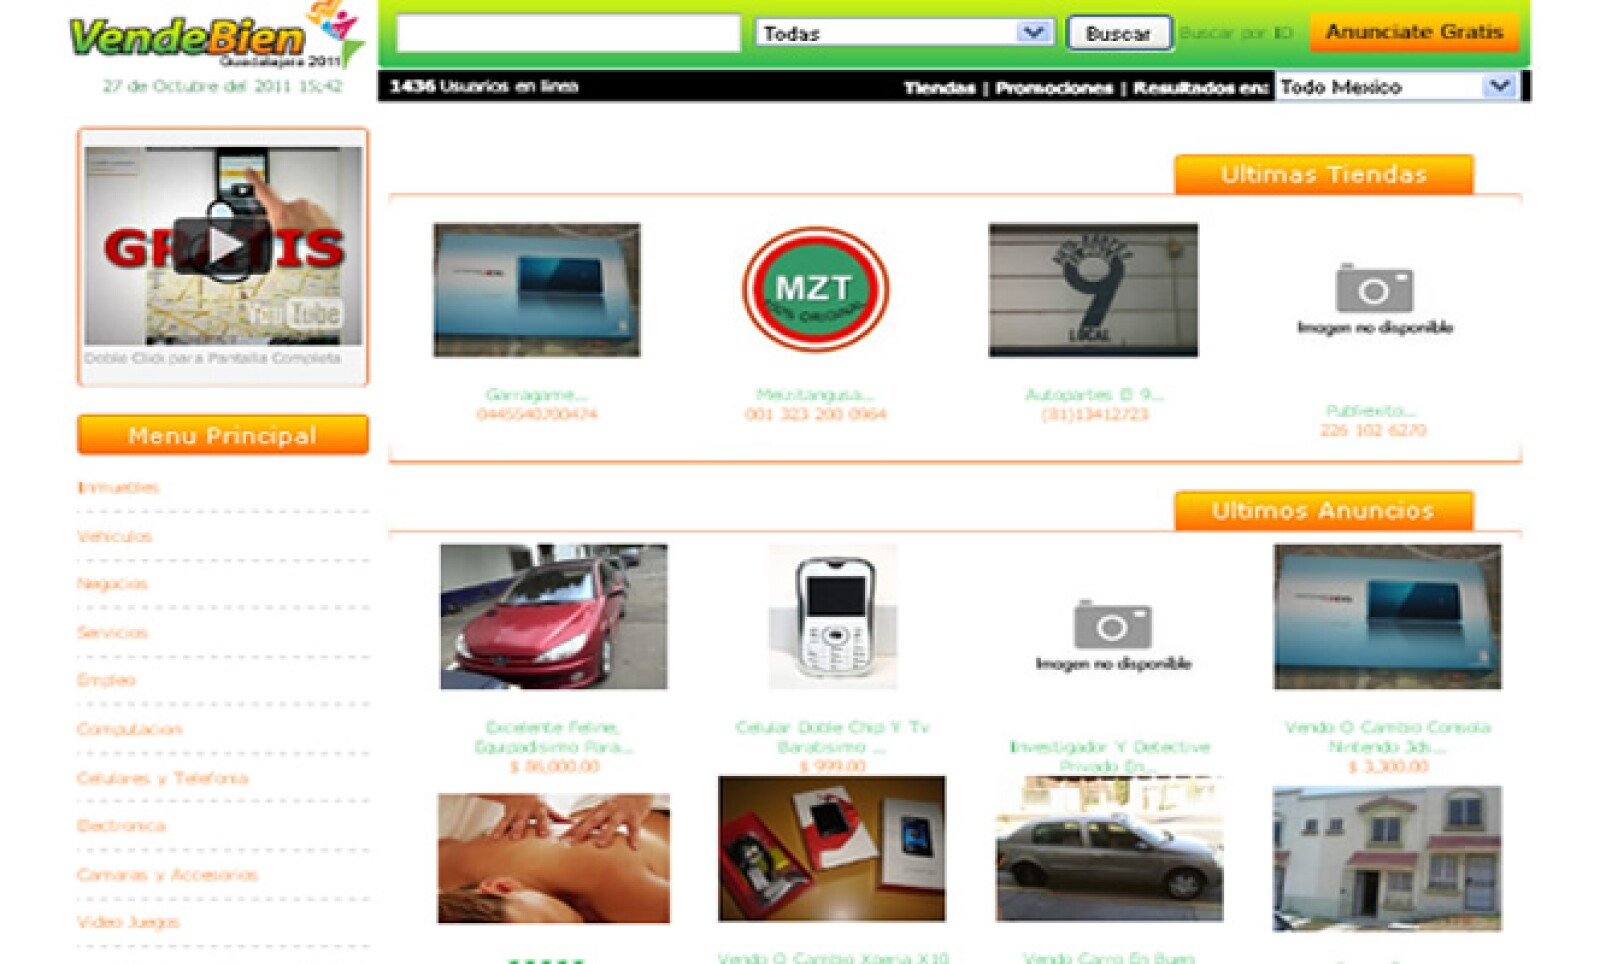 Dentro de la categoría de 'Clasificados' se encuentra VendeBien, un portal donde el usuario puede crear todos los detalles de su propia tienda en línea.